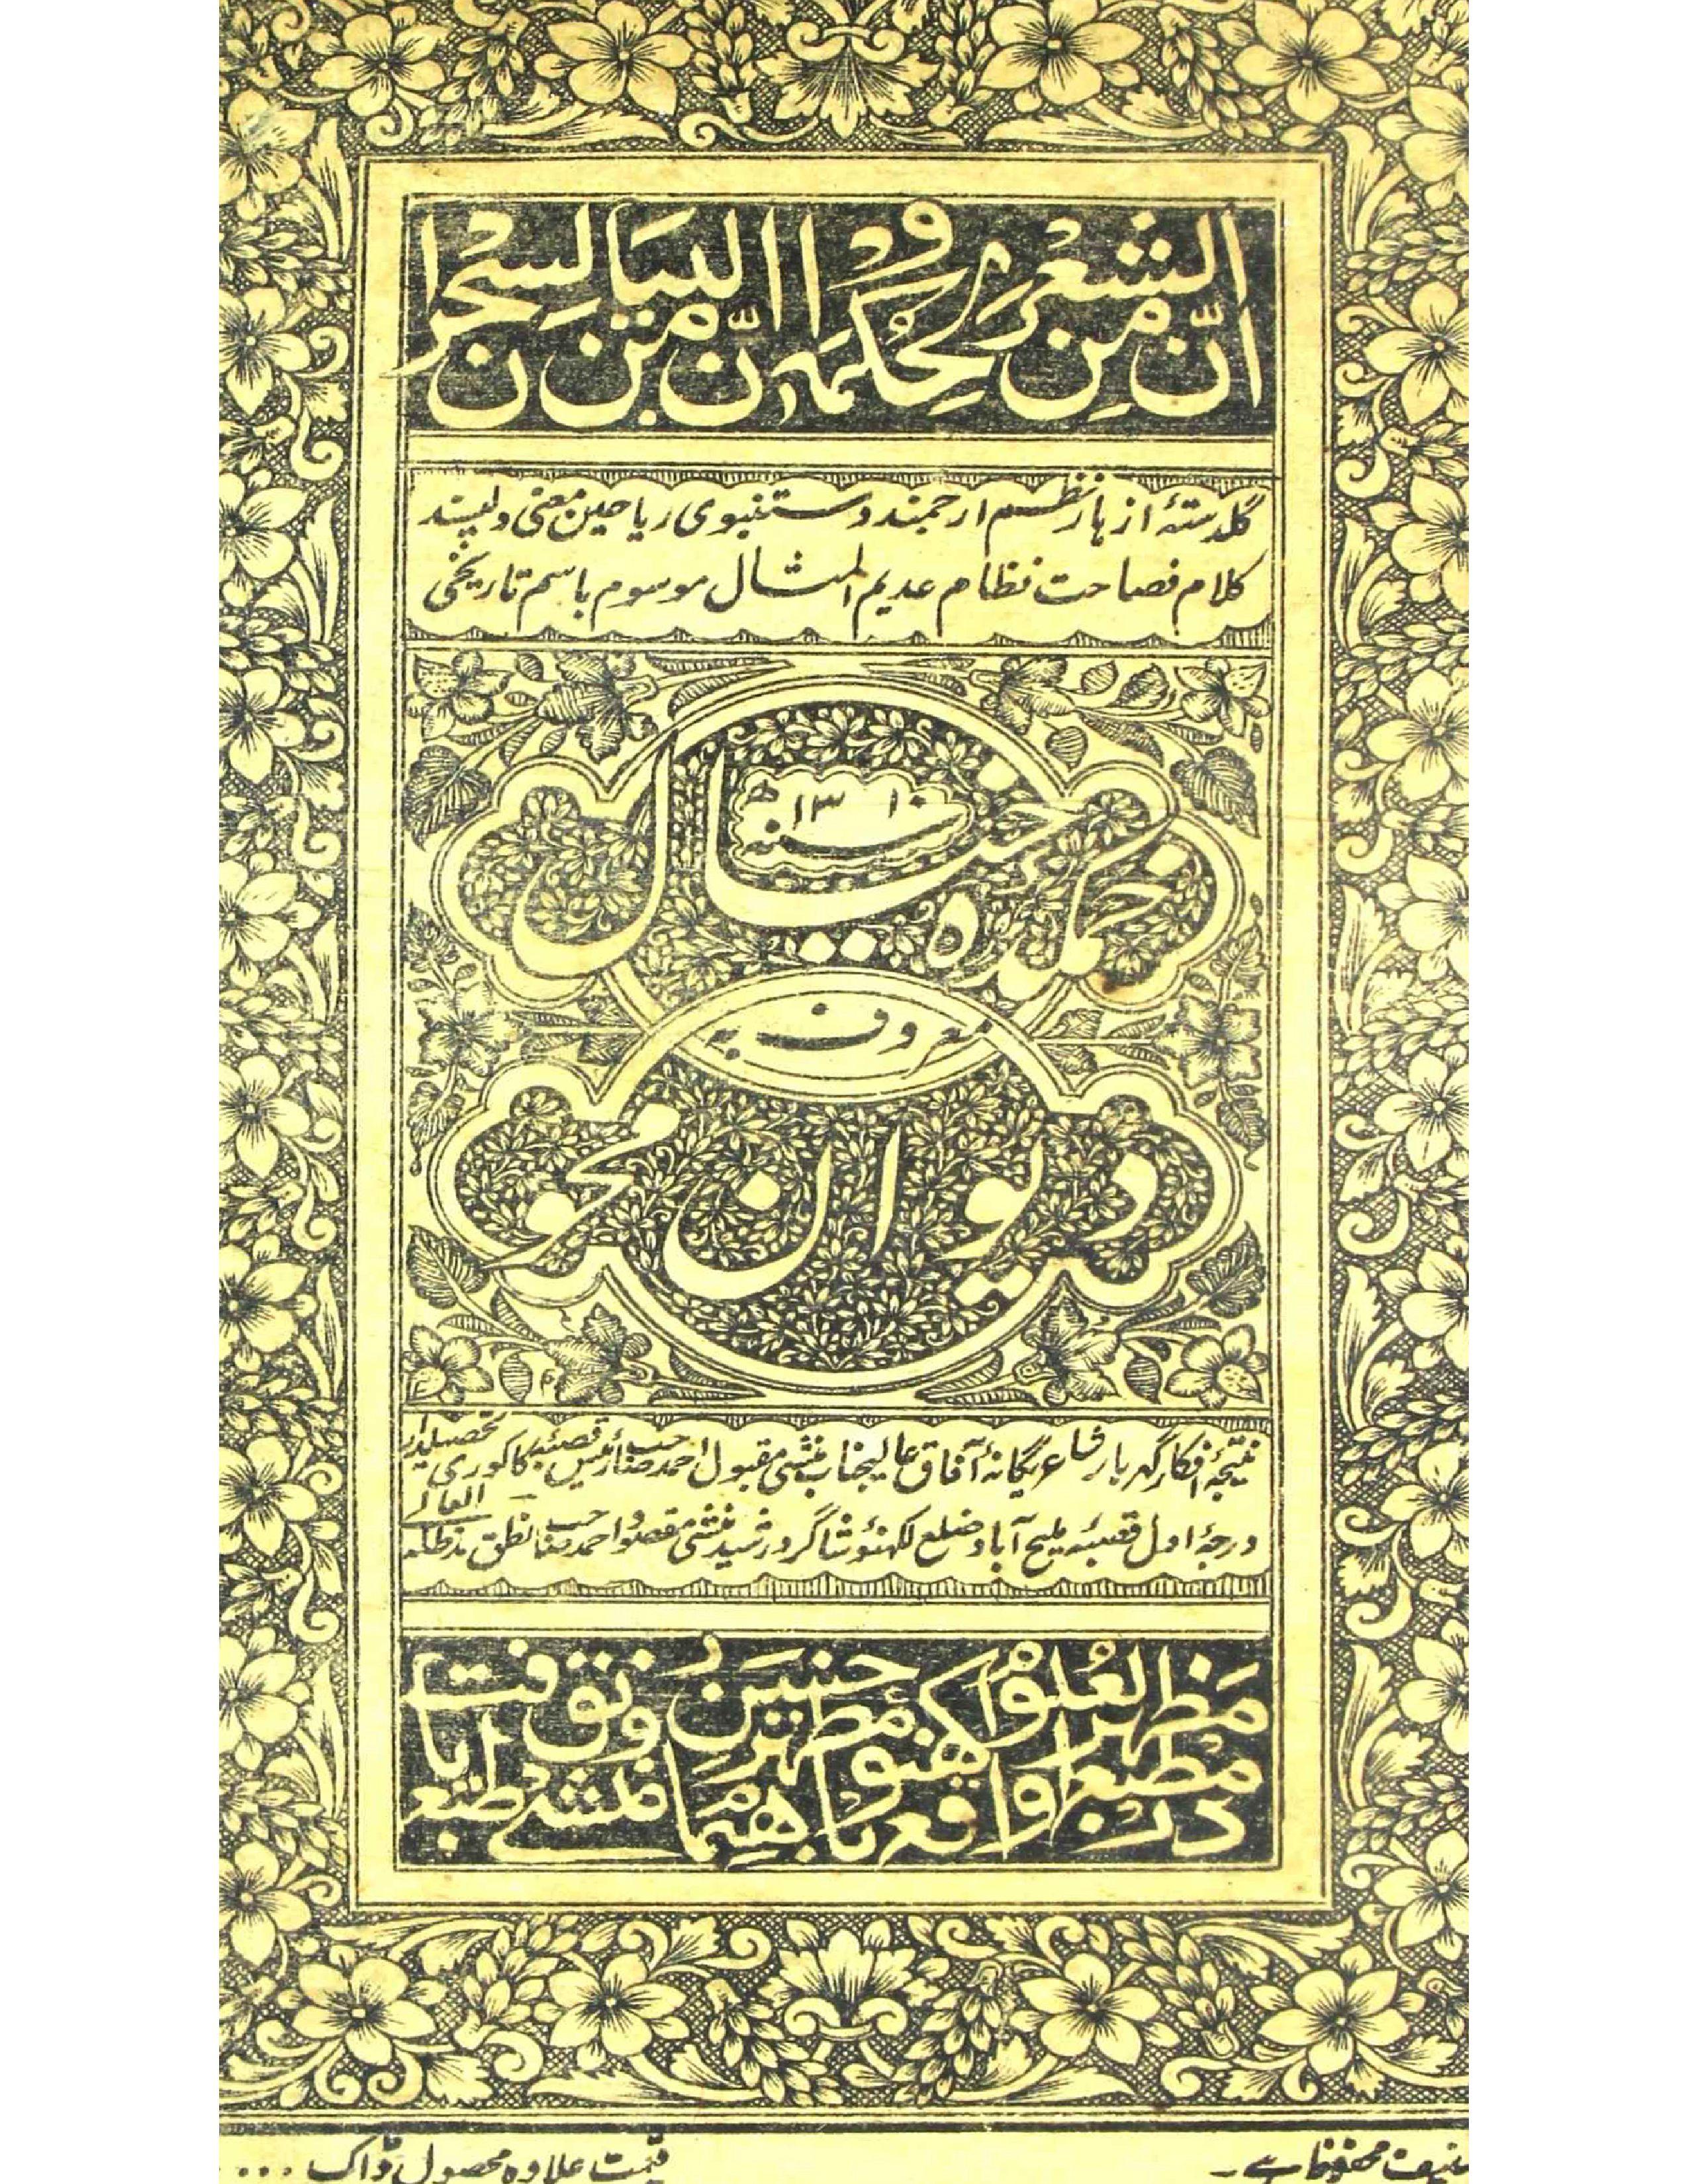 Deewan-e-Mahu     Khumkada-e-Khayal